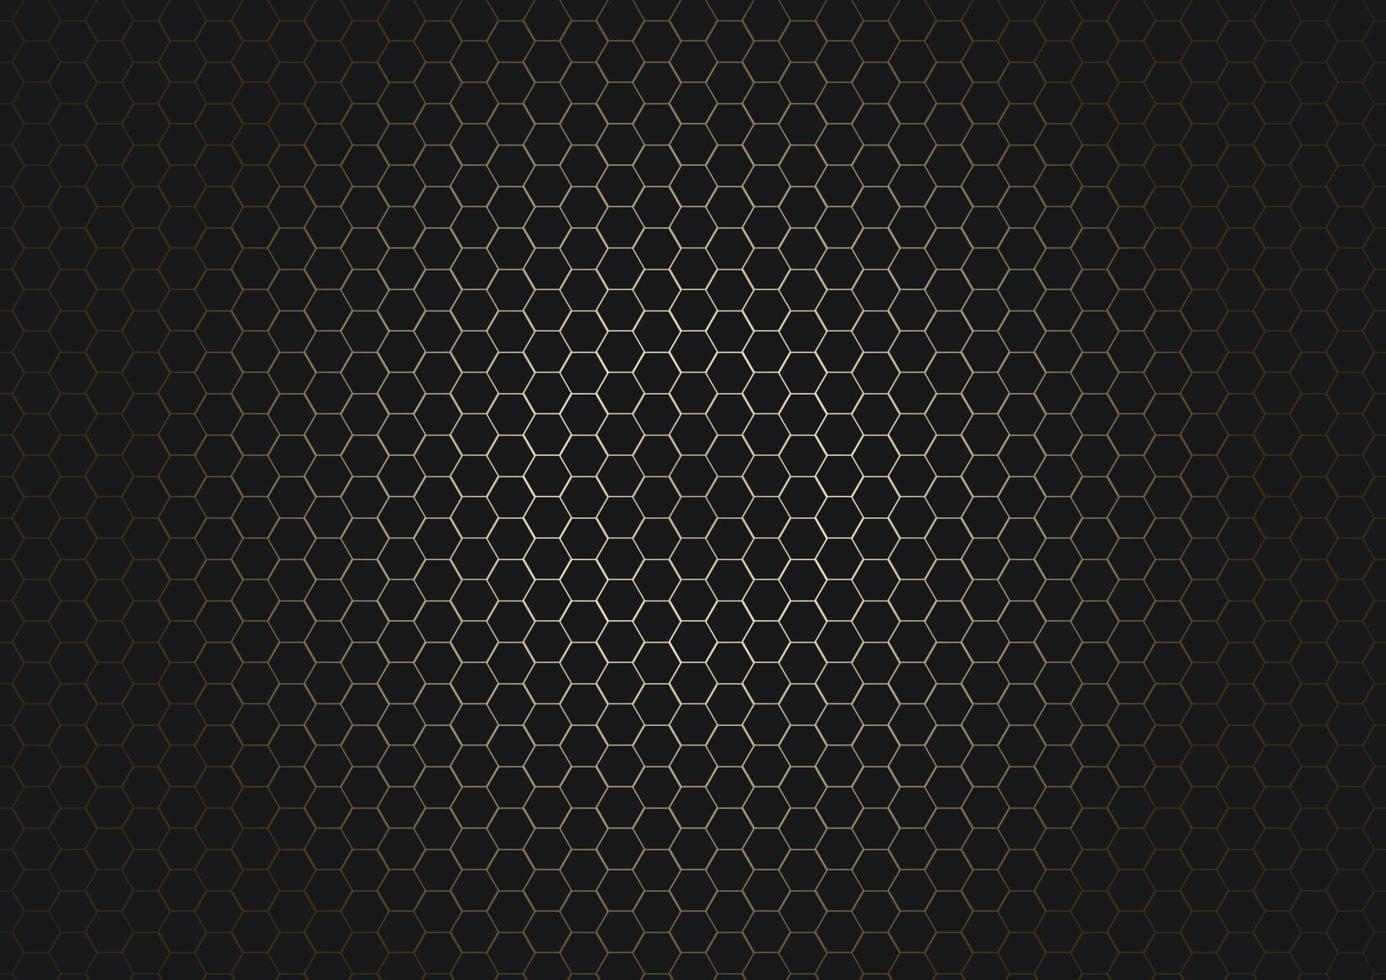 abstrakt svart hexagon mönster på glödande guld bakgrund och textur. vektor